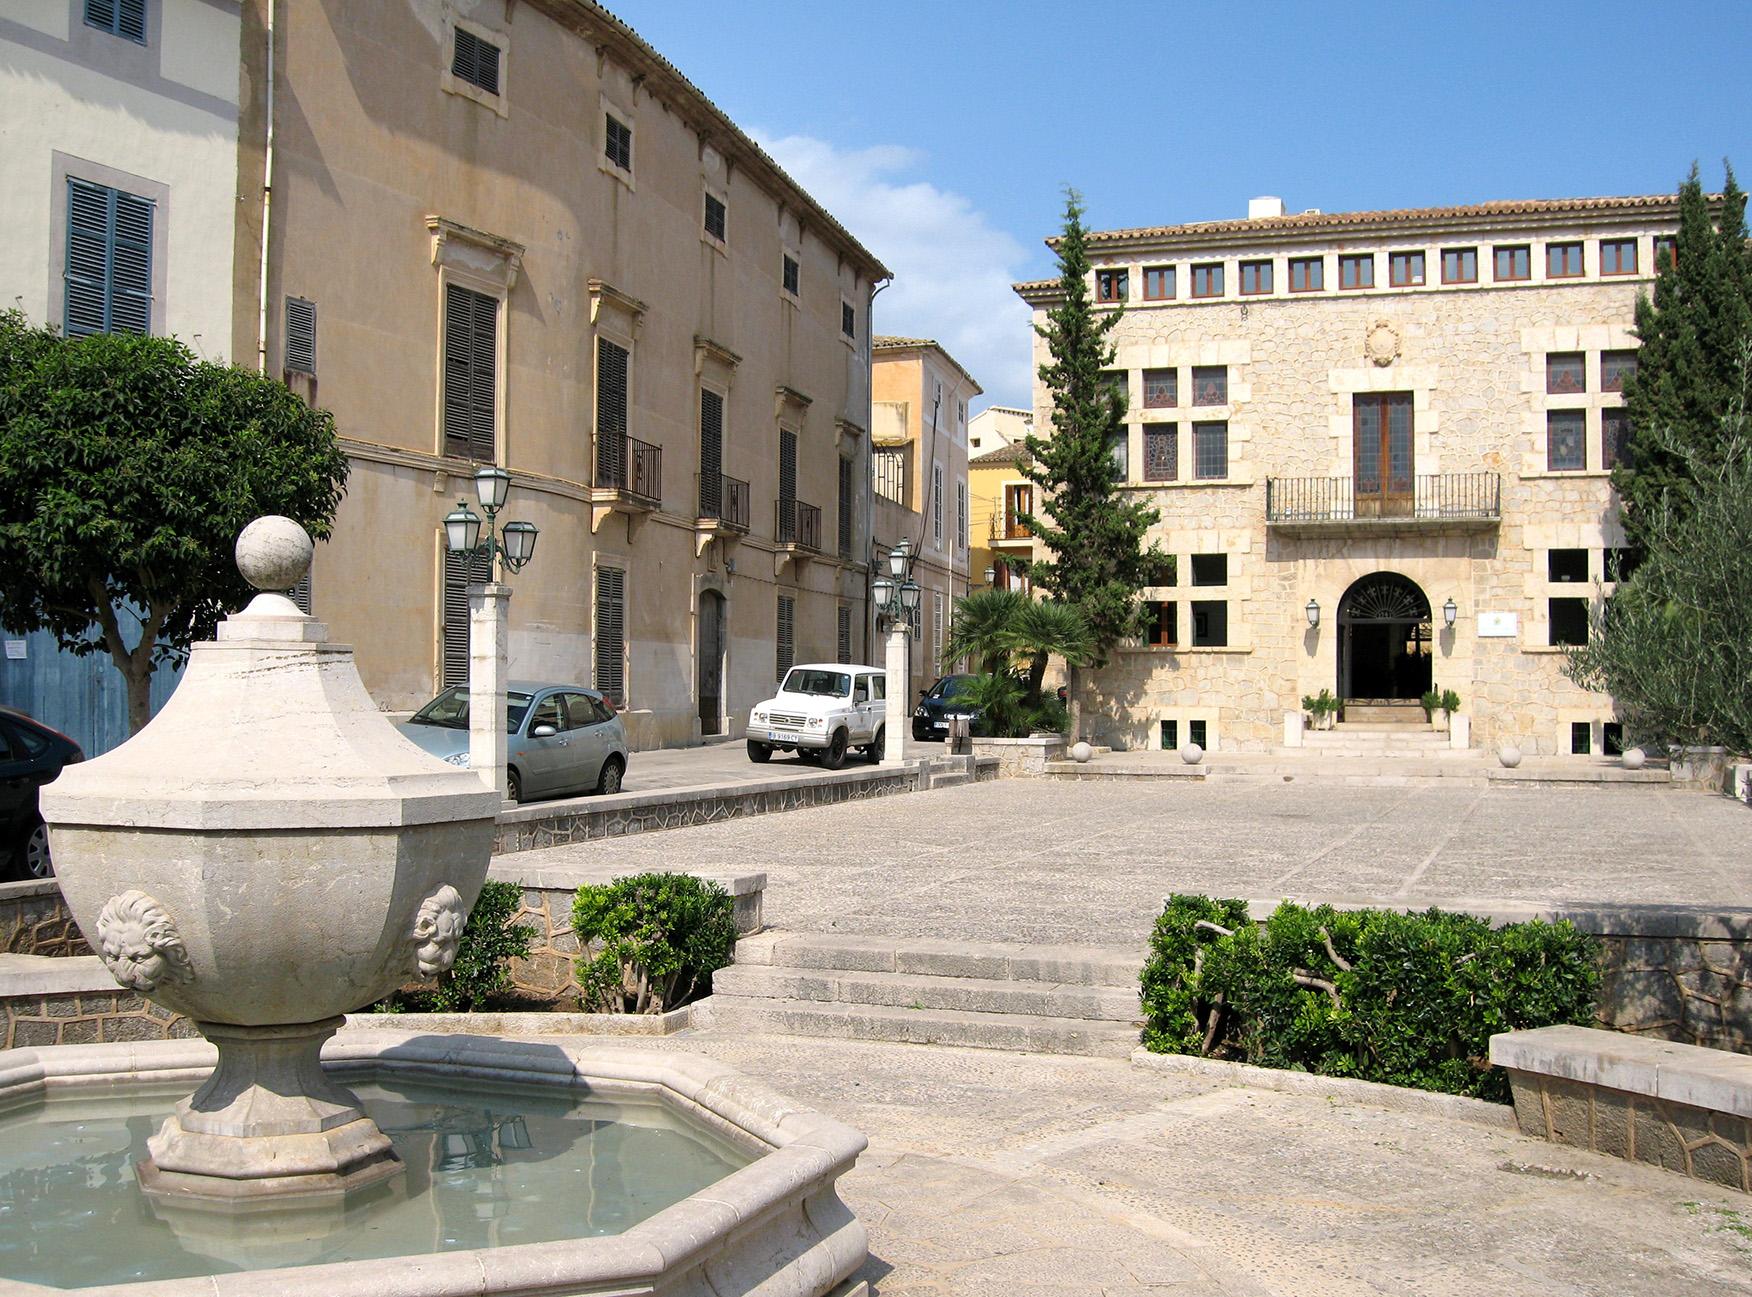 Imatge de l'Ajuntament d'Artà i de la seva plaça. Ajuts bons descompte Artà